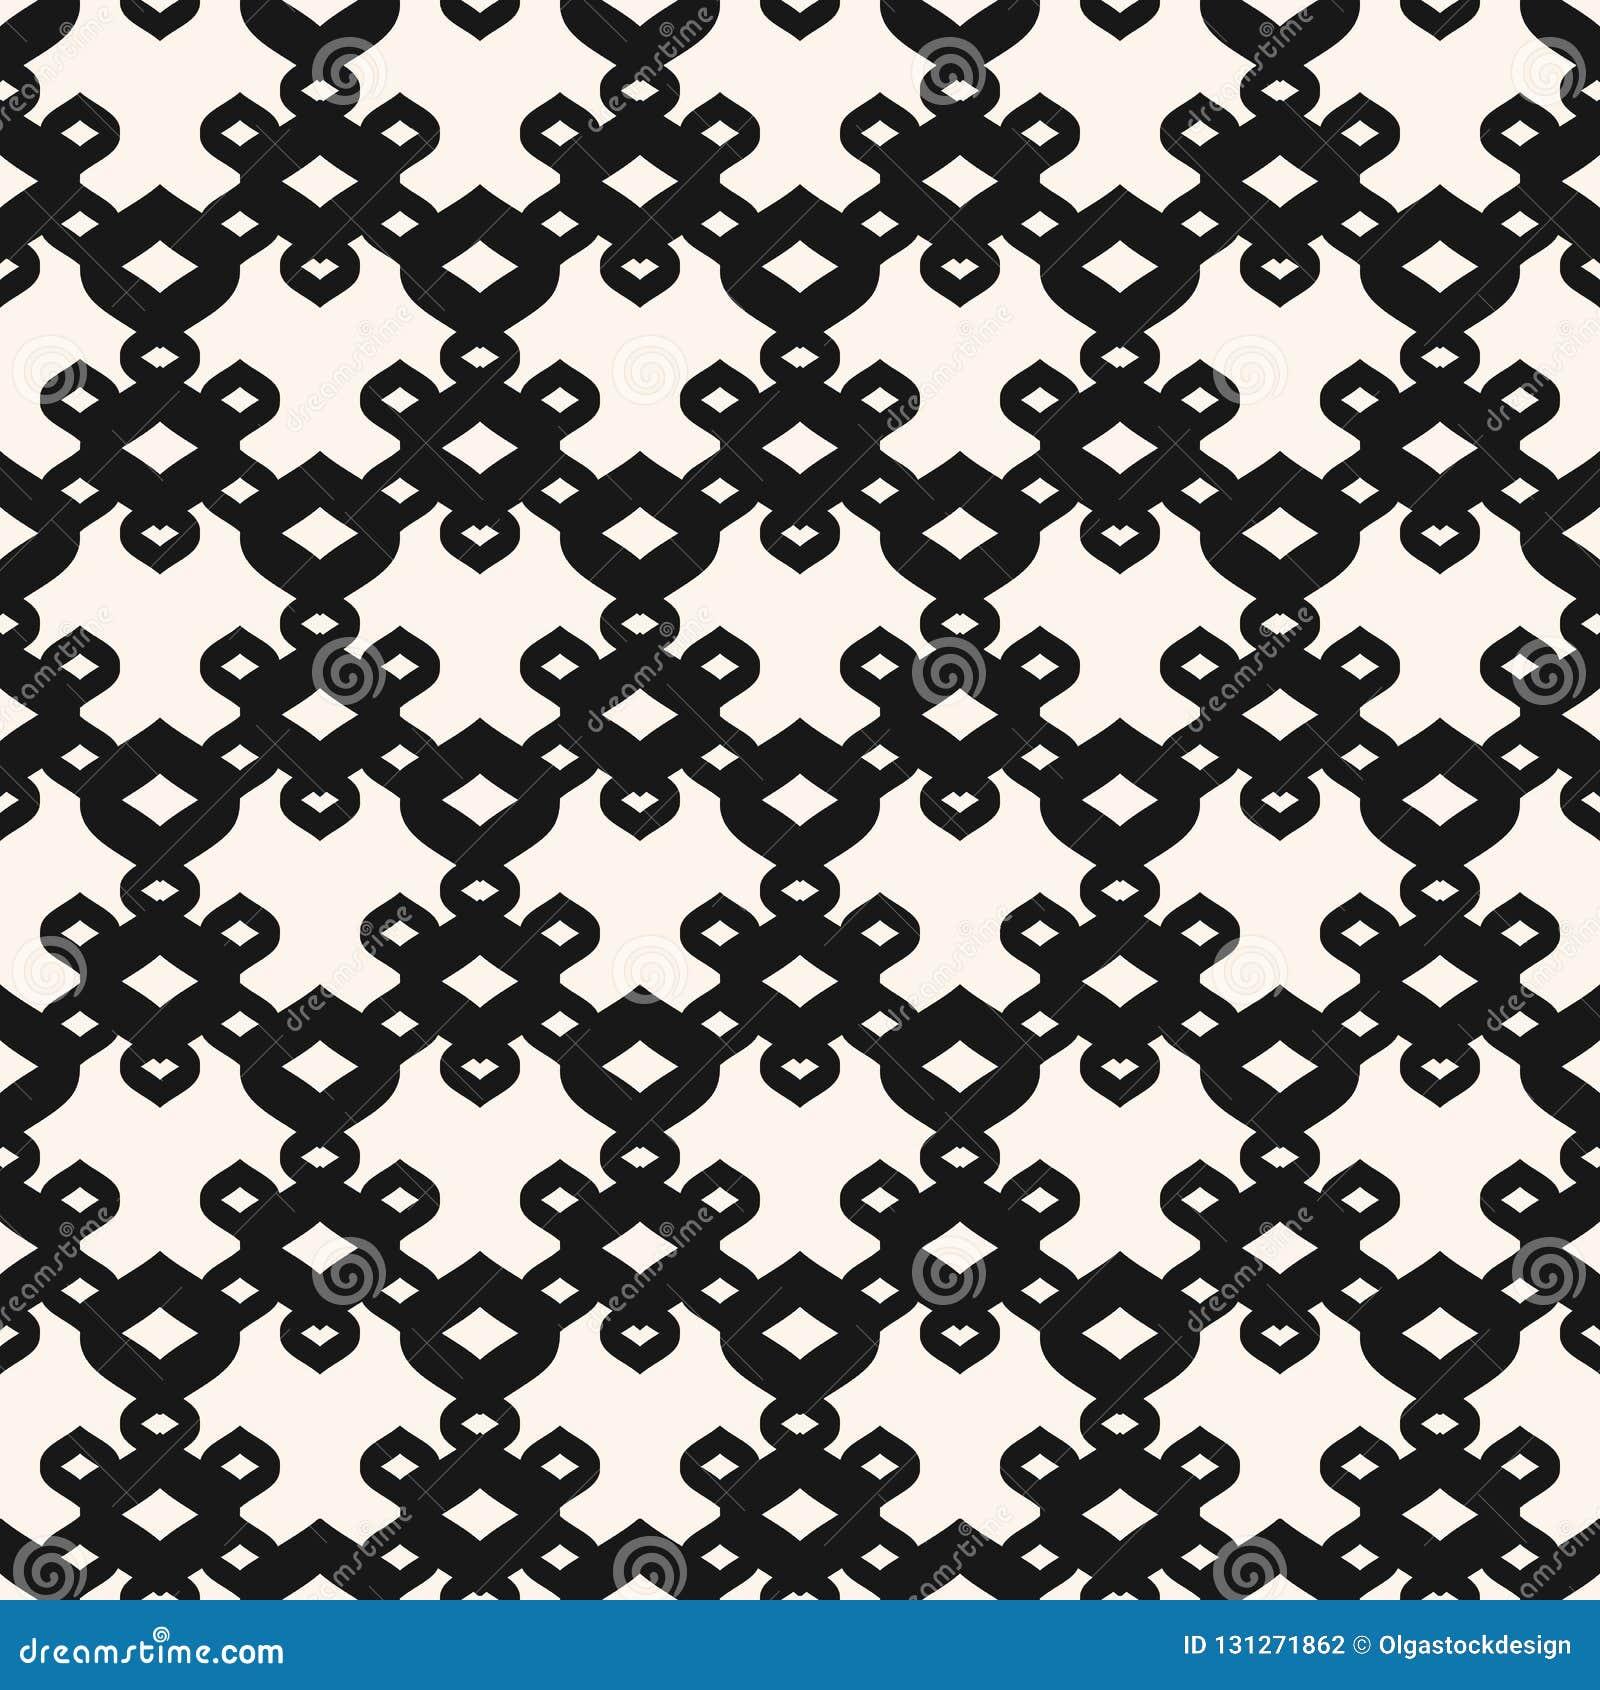 Abstrakter einfarbiger Hintergrund mit kleinen eiförmigen Formen, gerundetes Gitter, Netz, Gitter, Zaun